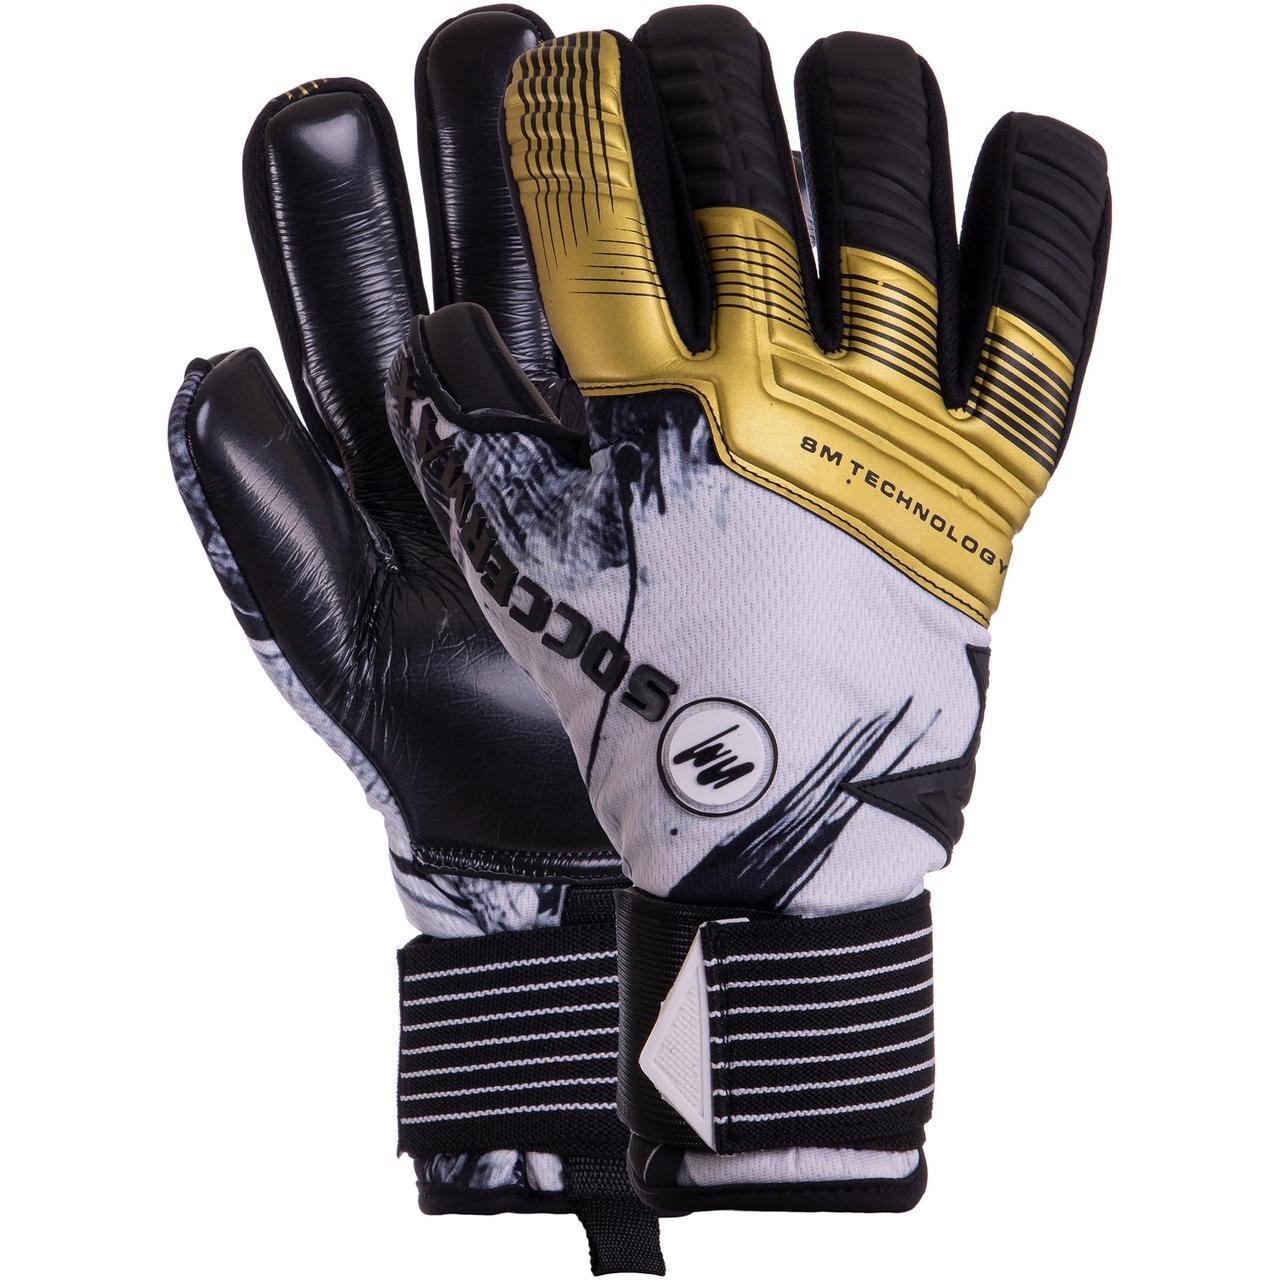 Перчатки вратарские SOCCERMAX GK-008 размер 8-10 белый-черный-золотой